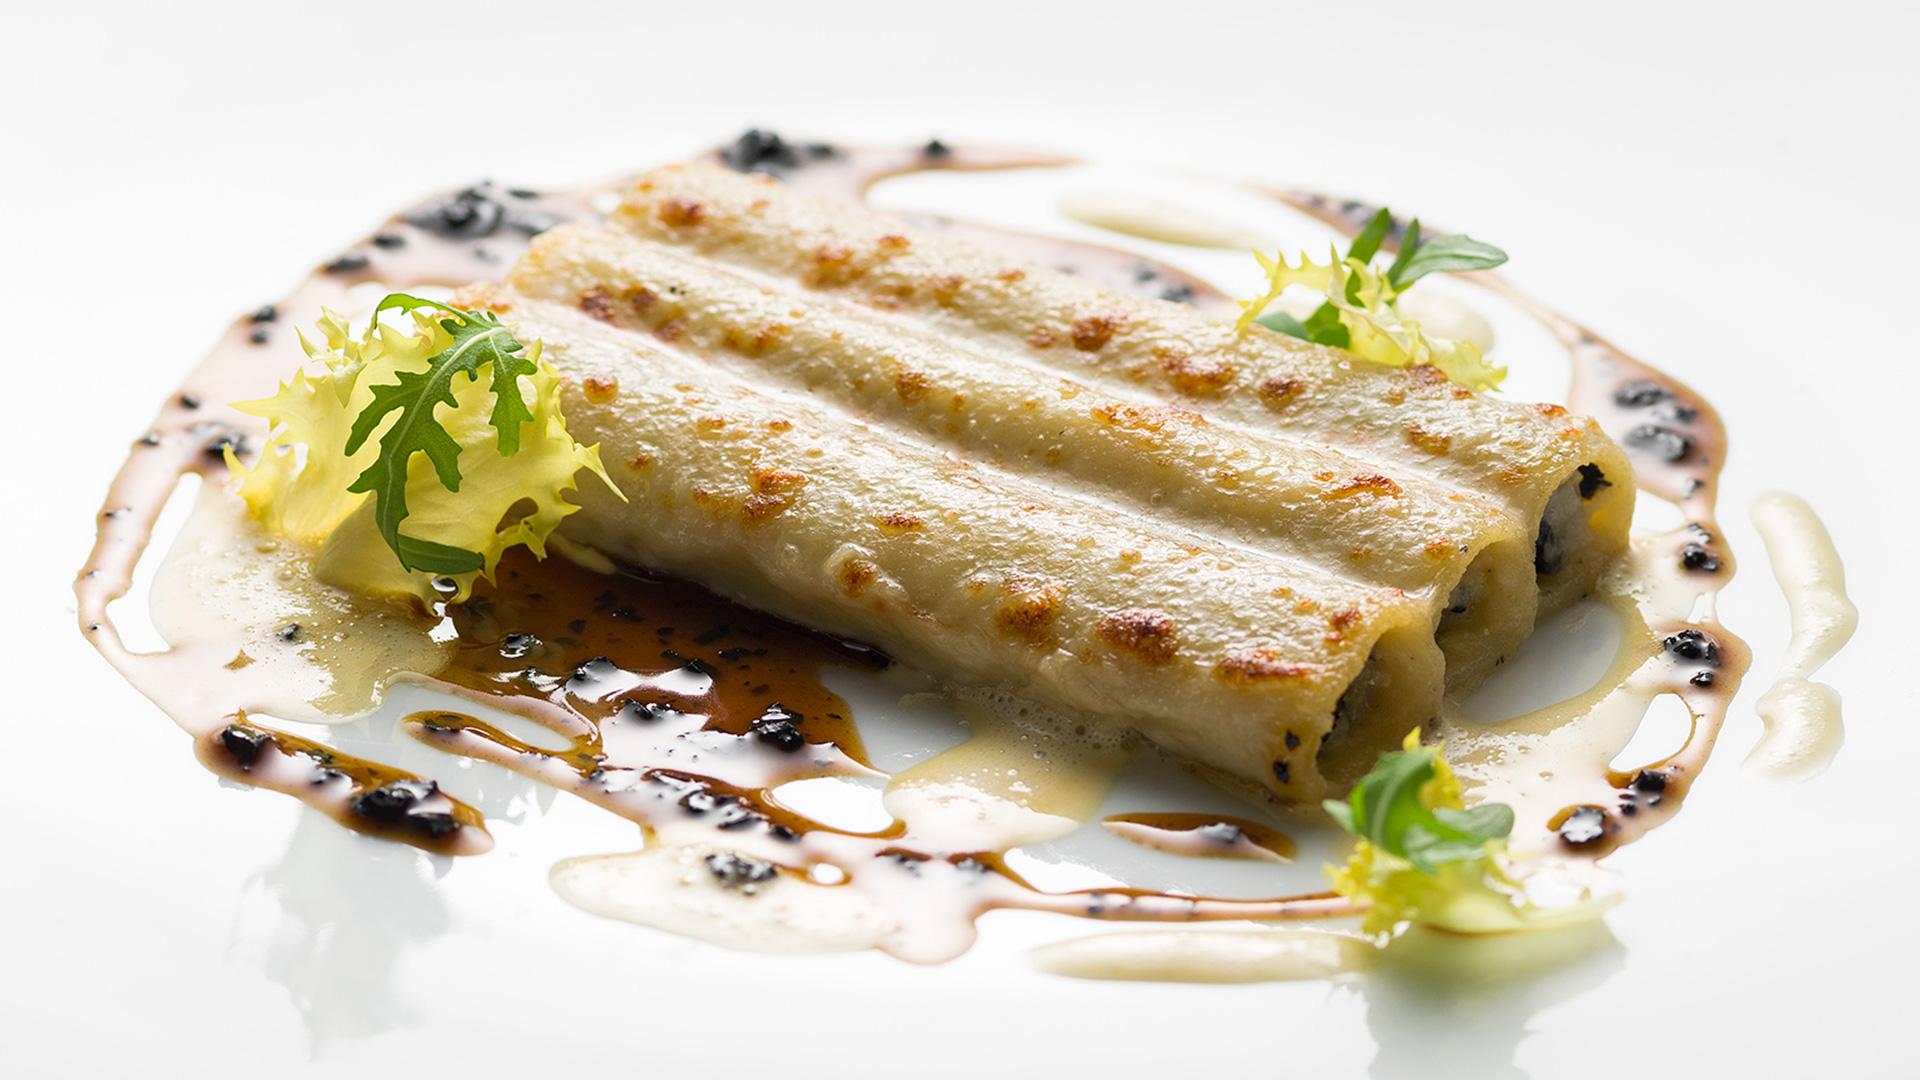 epicure restaurant gastronomique paris le bristol paris. Black Bedroom Furniture Sets. Home Design Ideas